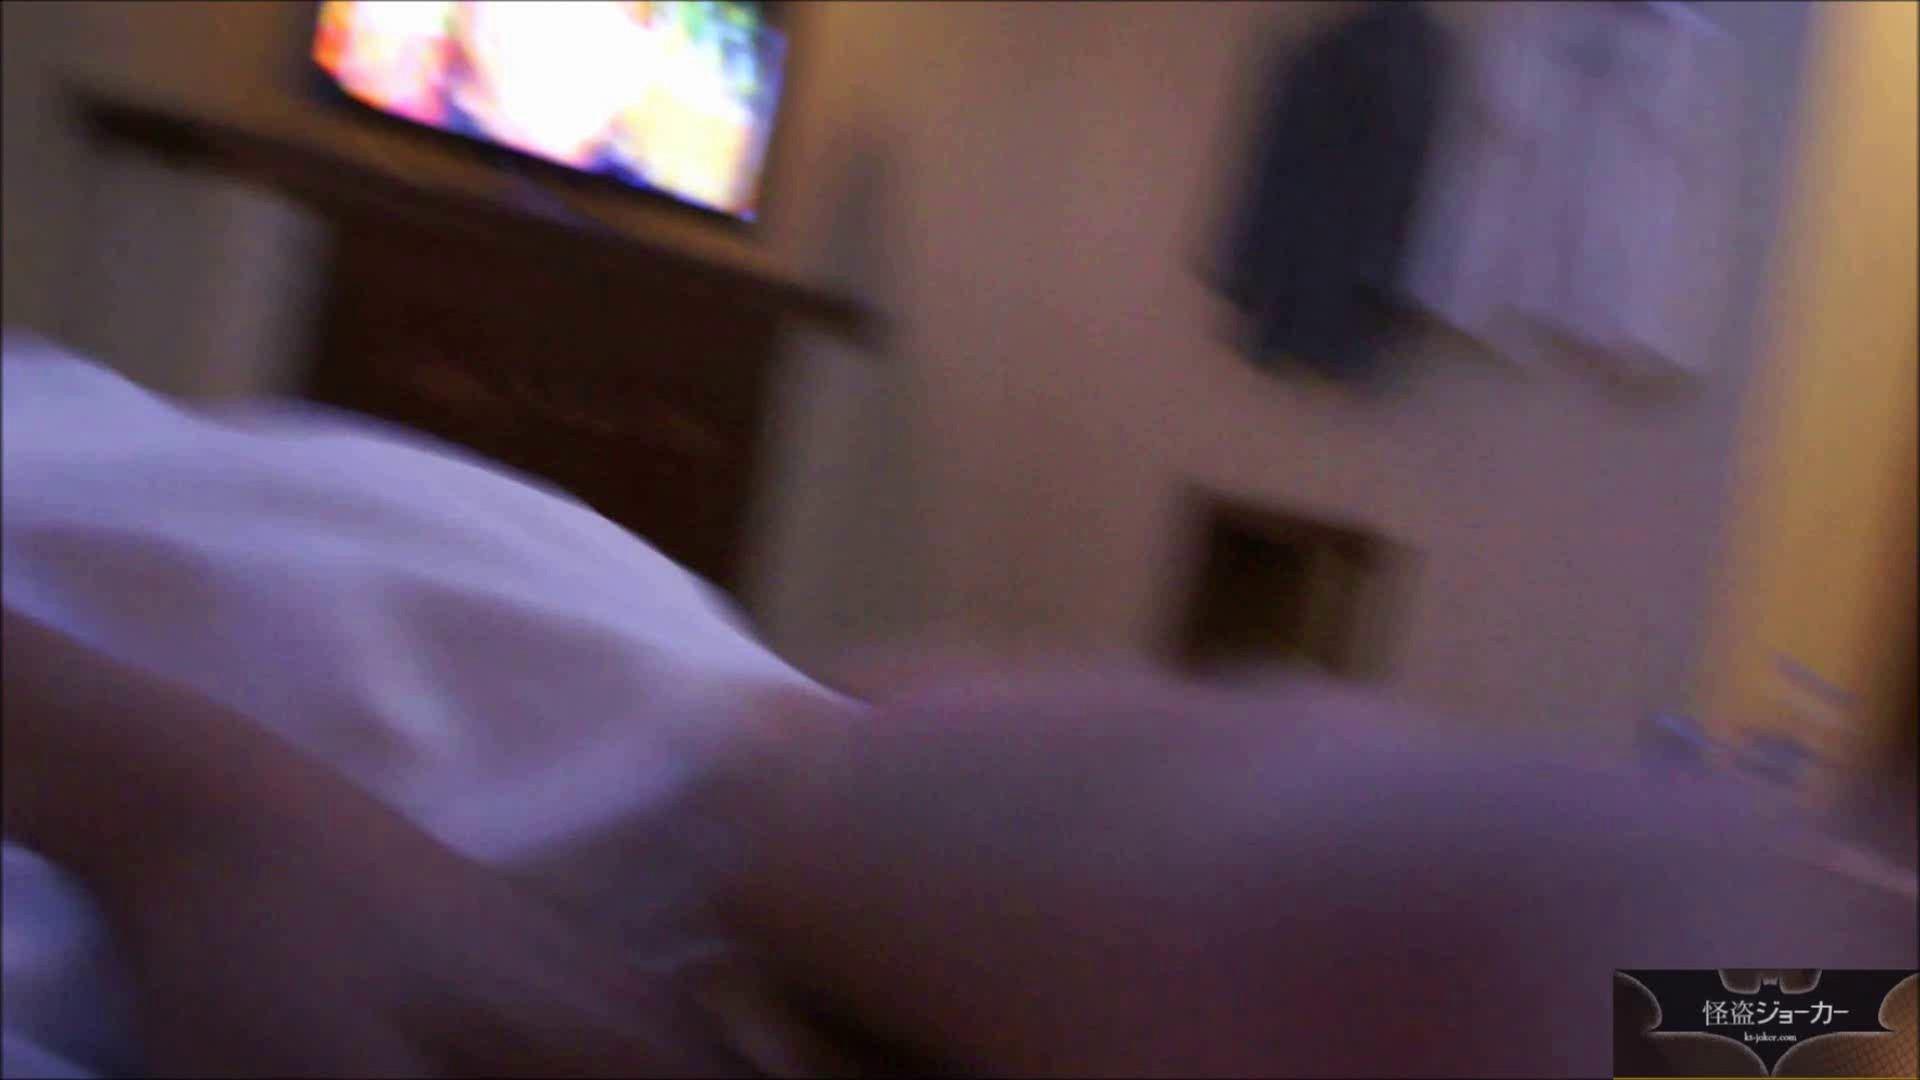 【未公開】vol.9 セレブ美魔女・ユキさんとの1年ぶりに会った日。 セックスする女性達 オメコ無修正動画無料 96画像 3